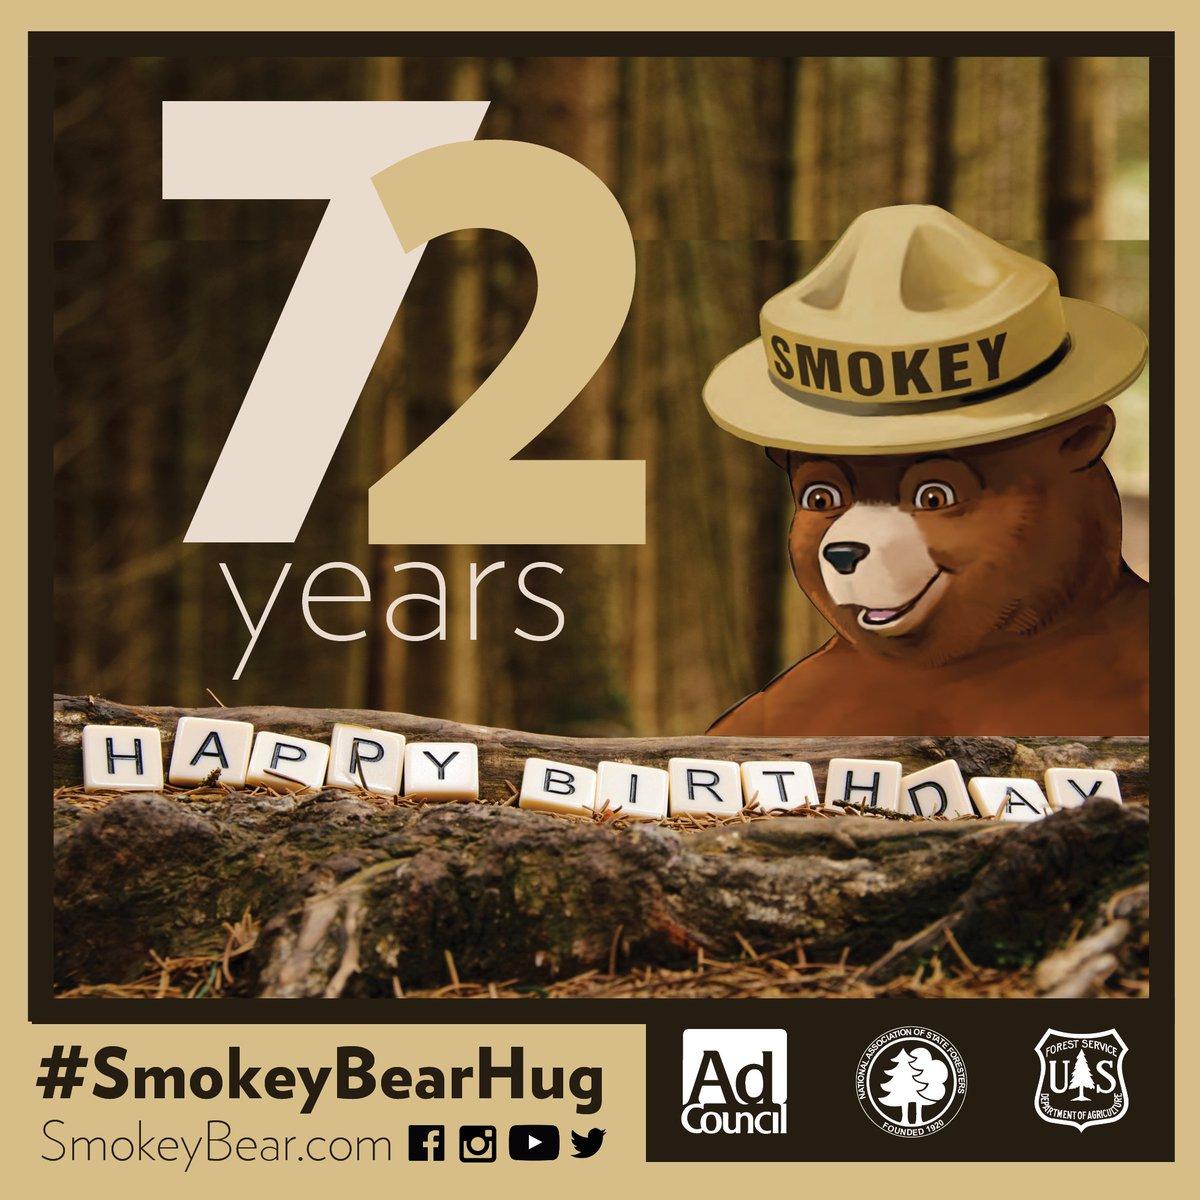 Happy Birthday @smokey_bear https://t.co/wgVDlZbx0I